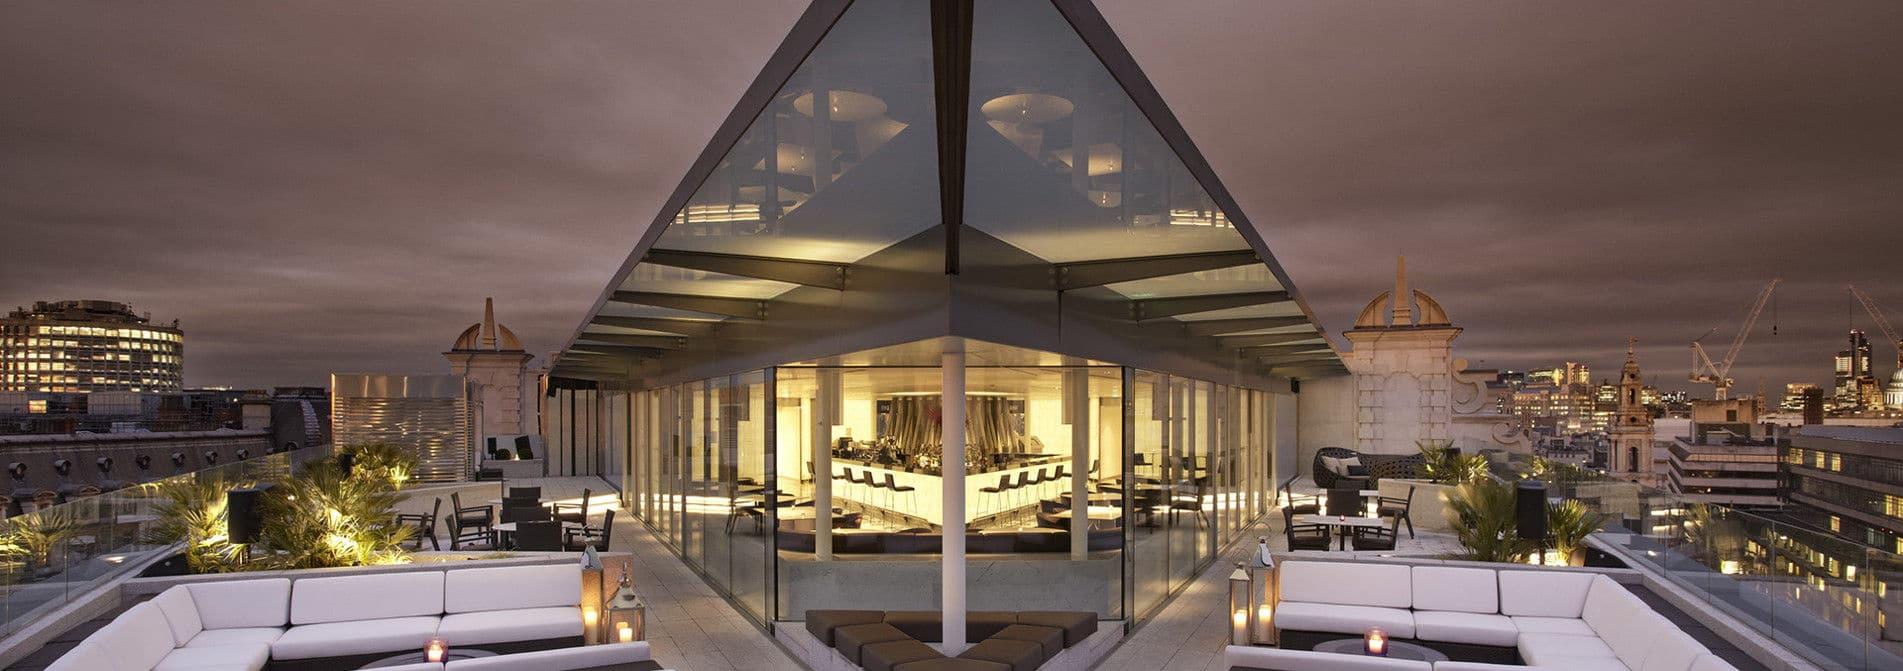 Envie de réserver cet hôtel de luxe ?